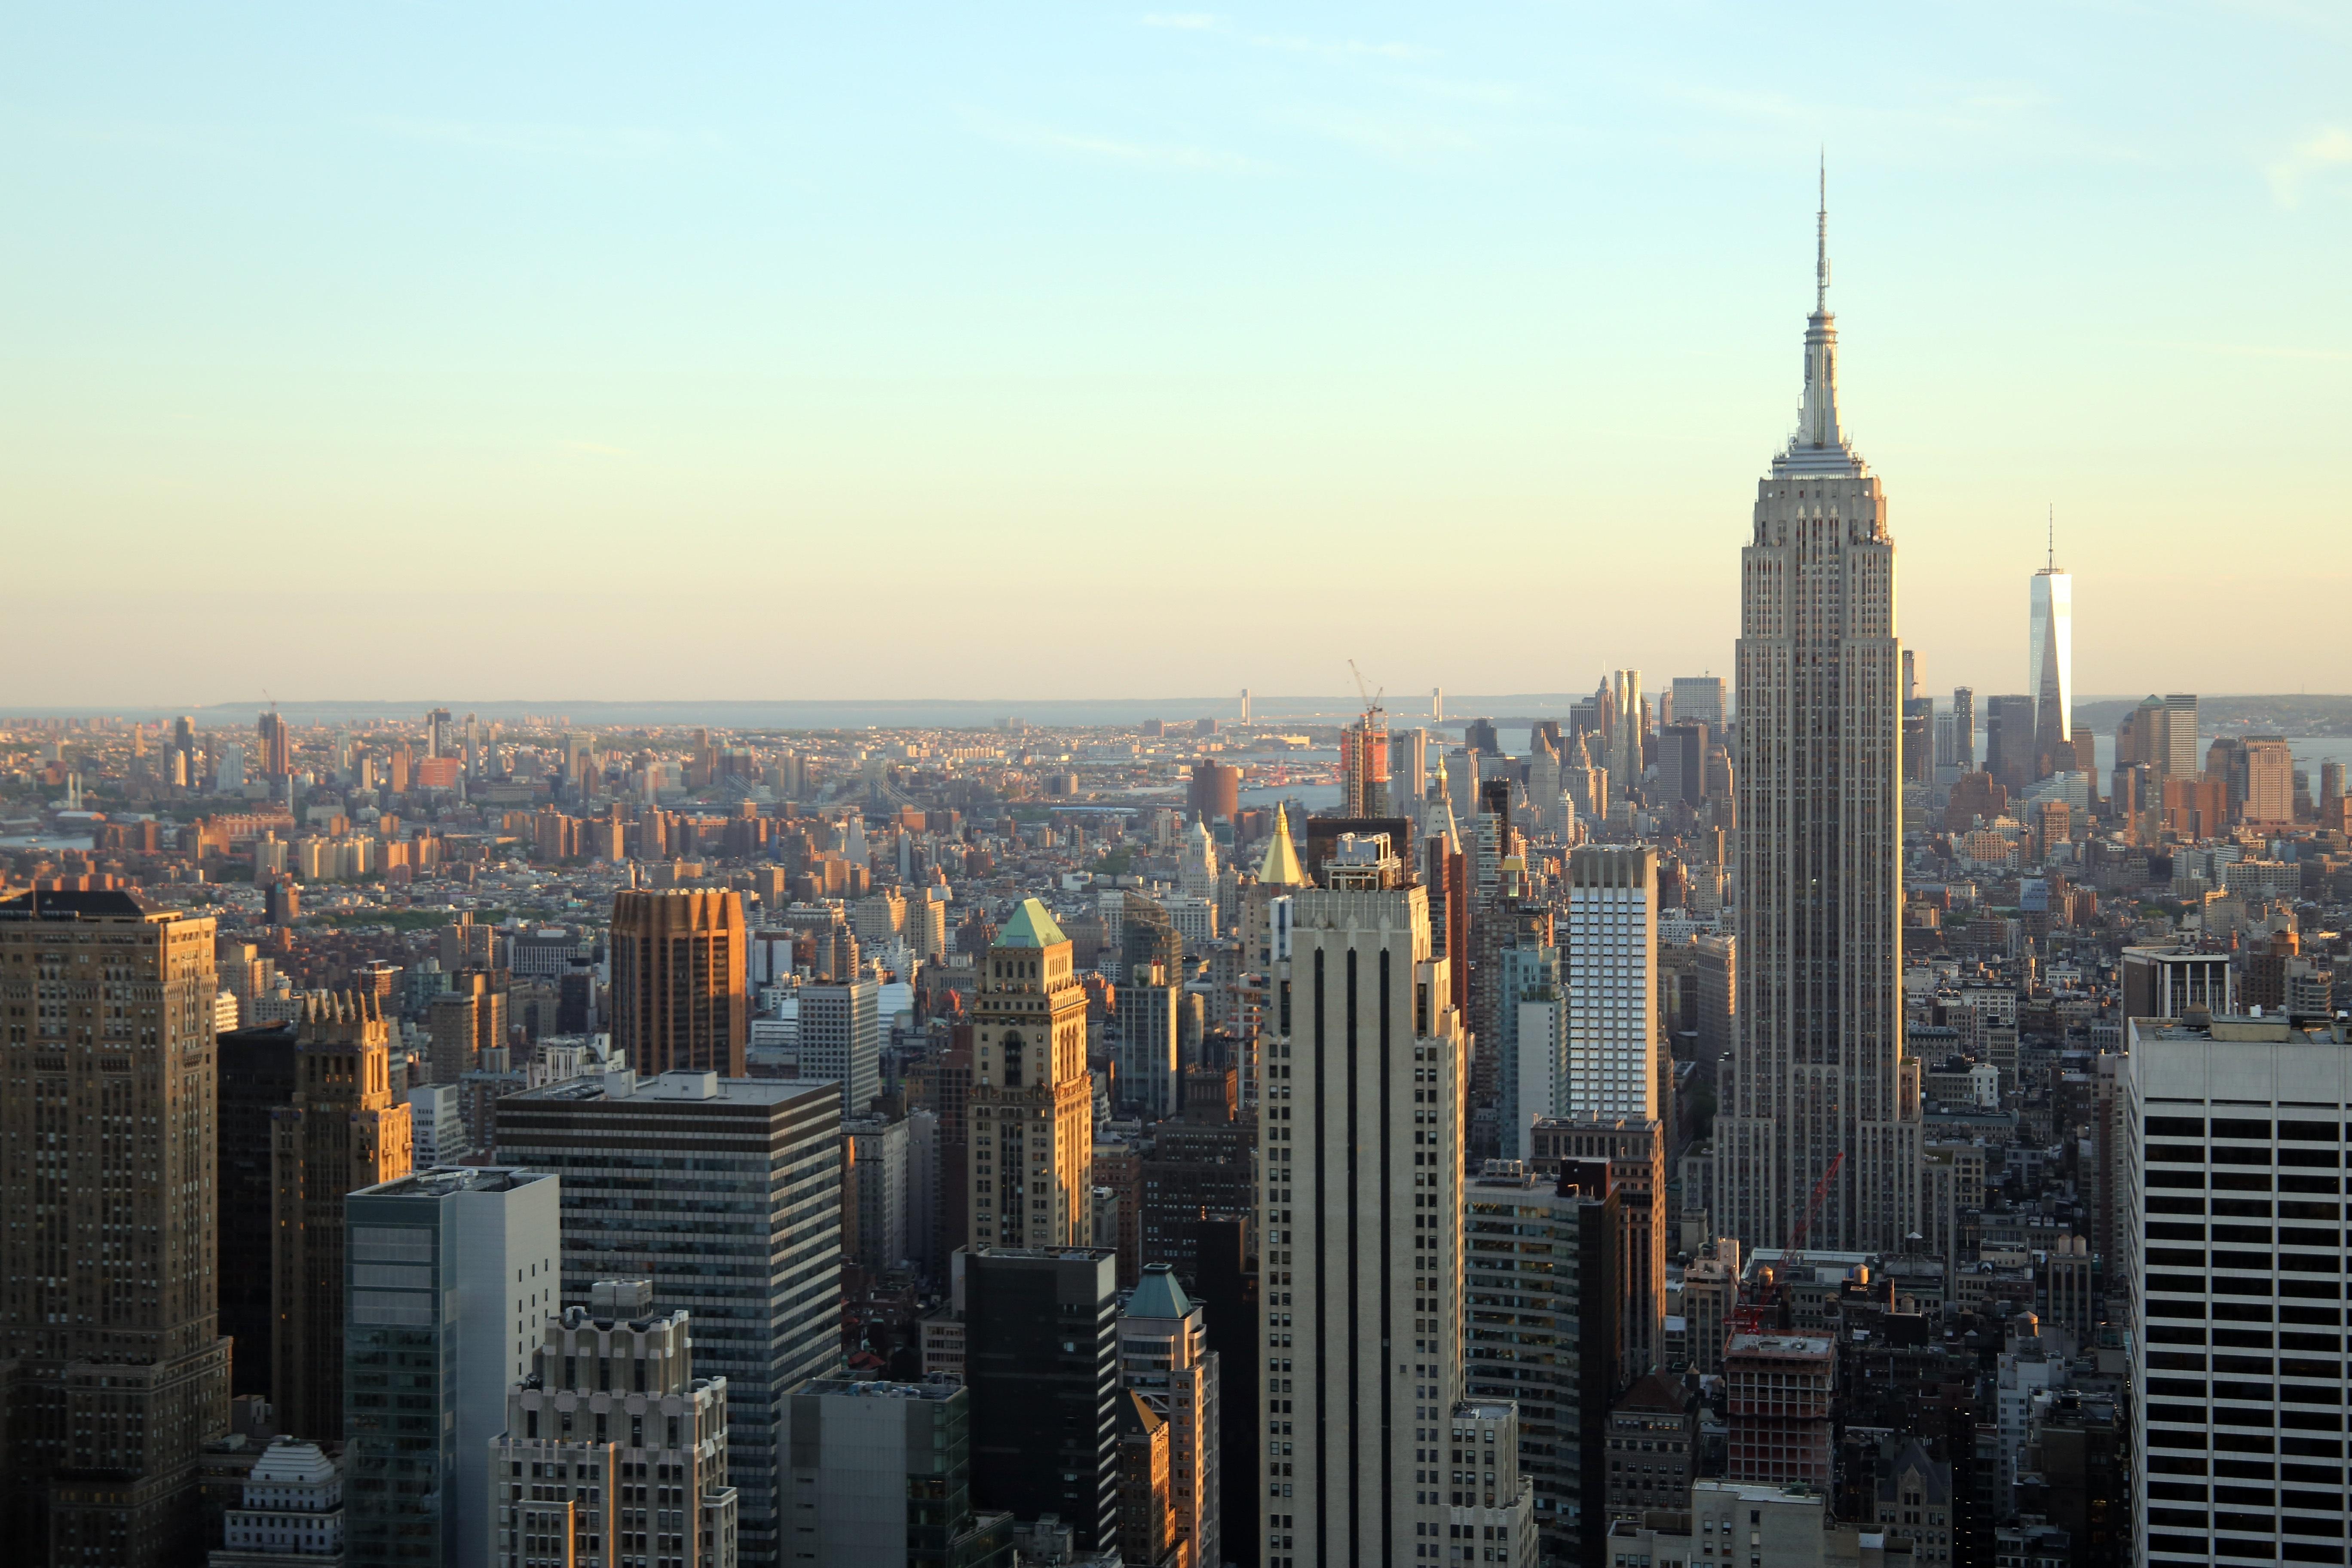 fotos gratis horizonte rascacielos nueva york manhattan paisaje urbano centro de la ciudad oscuridad noche torre punto de